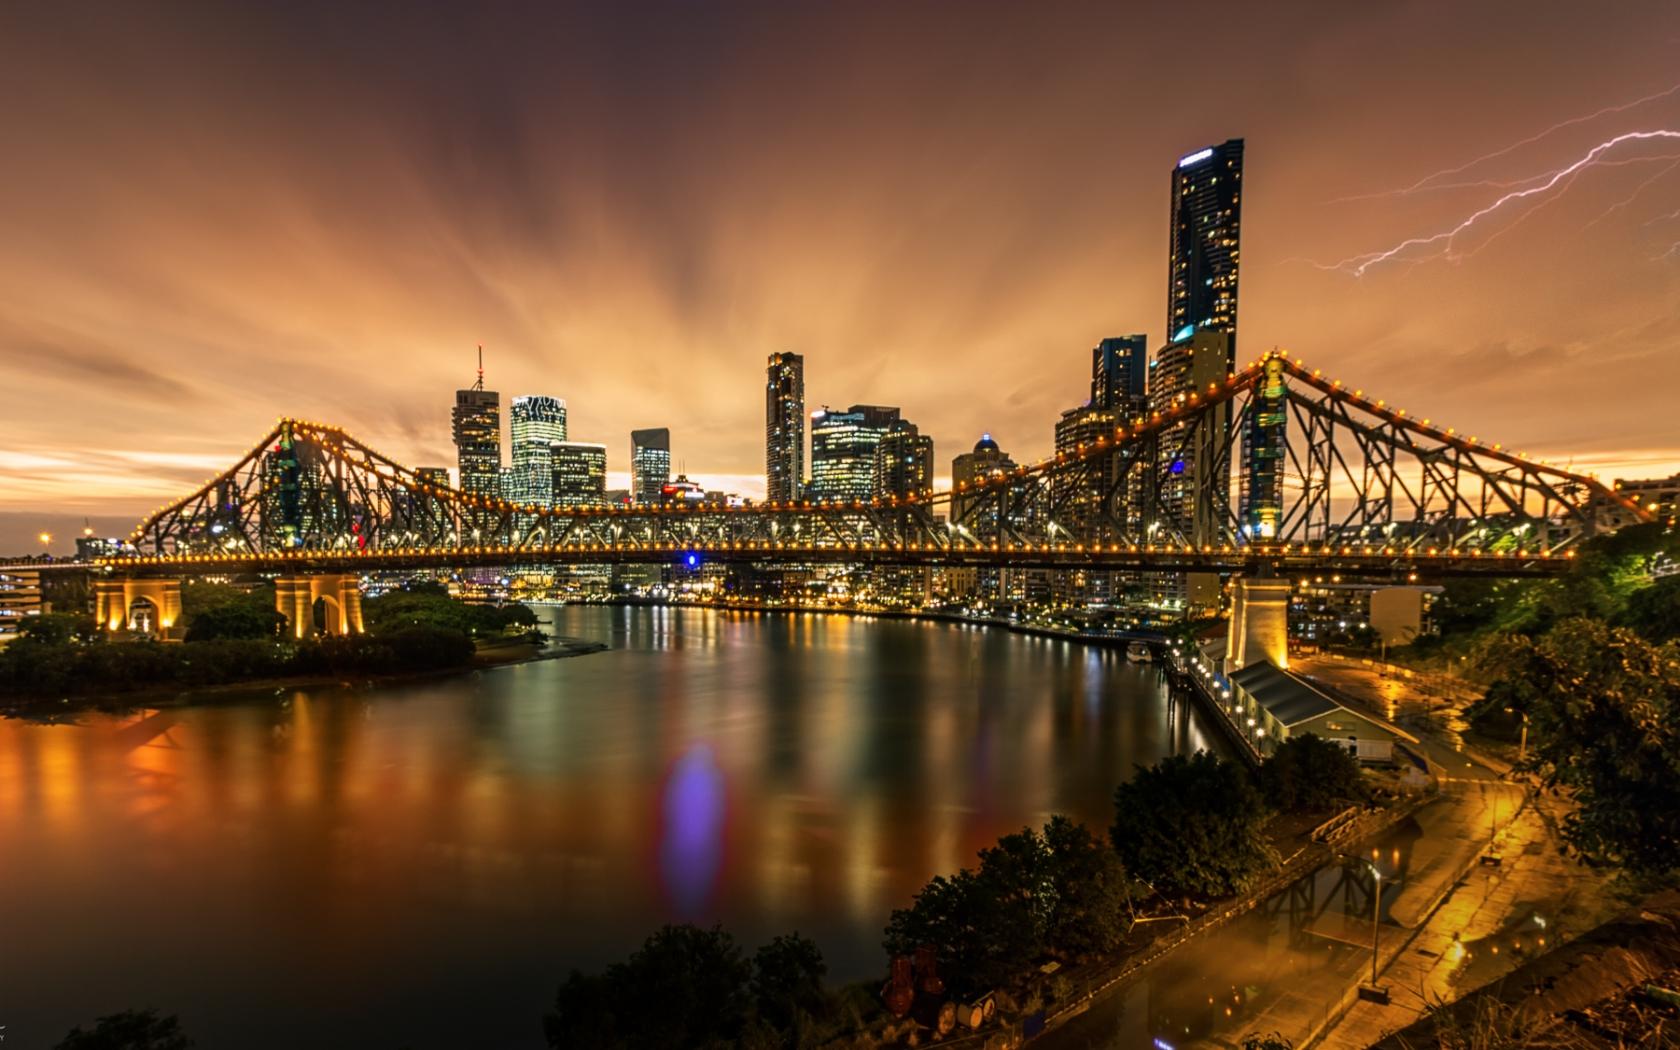 Fotografía de puentes y rayos - 1680x1050